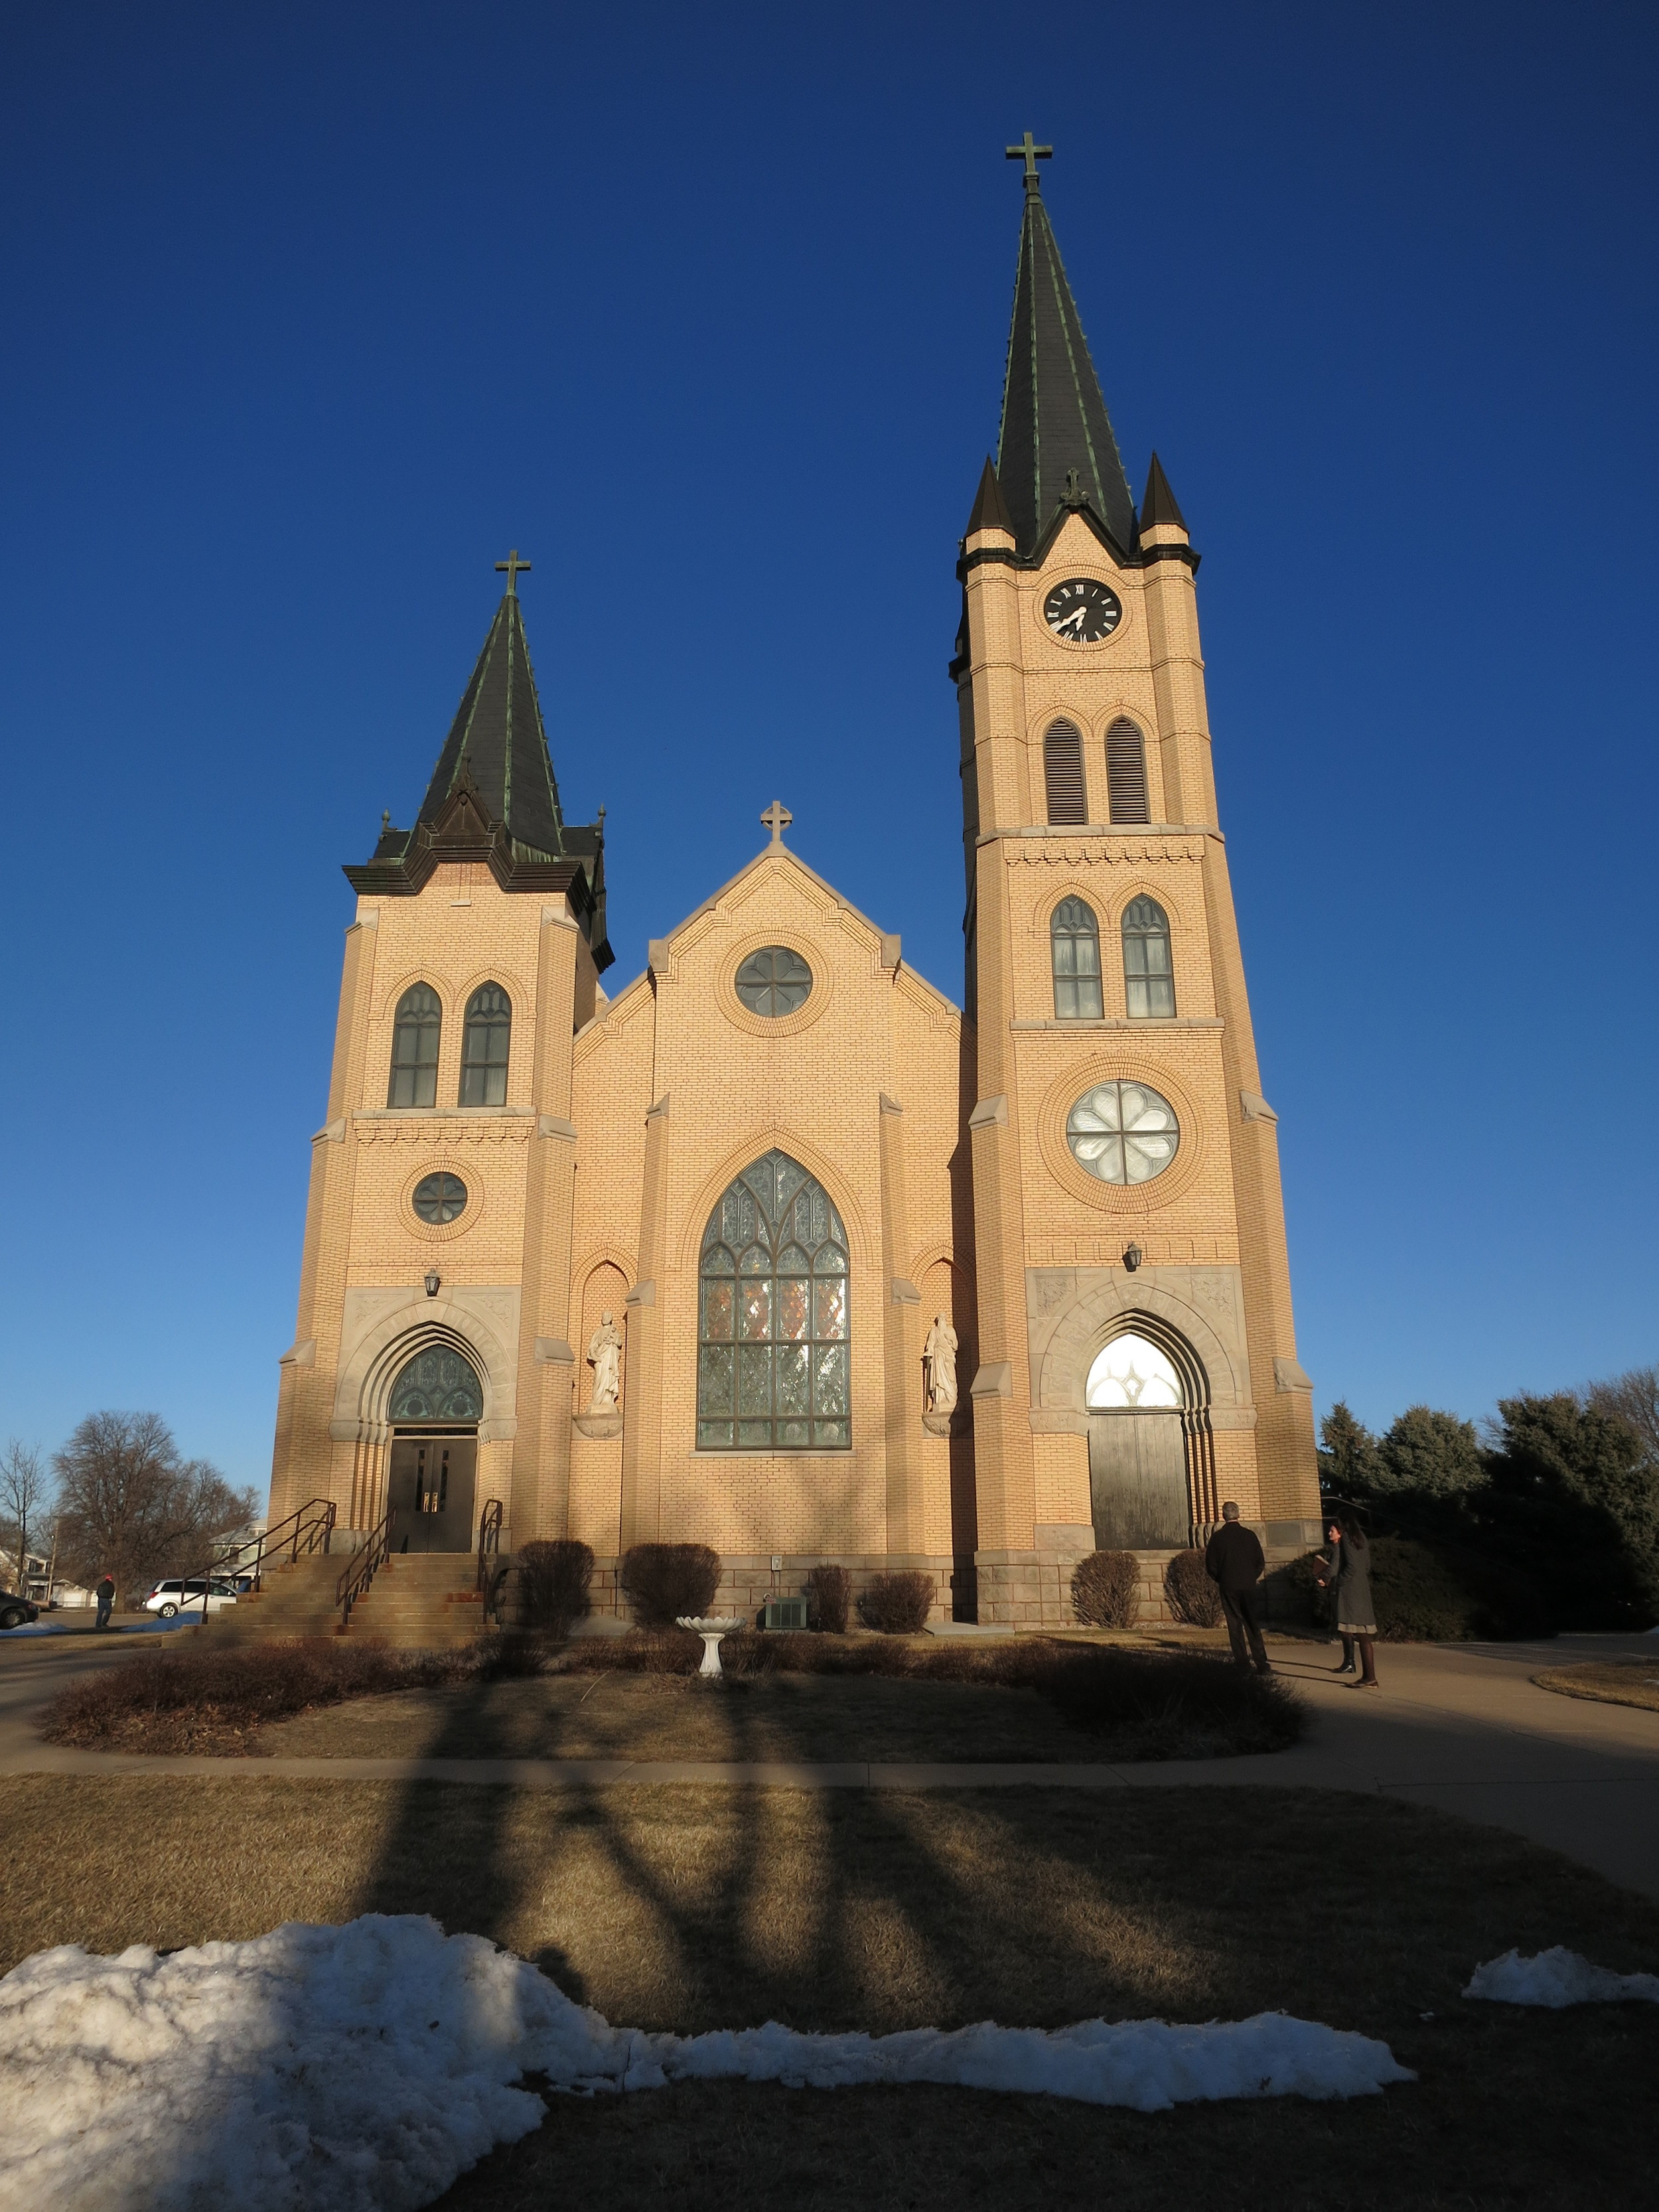 St. Mary Exterior